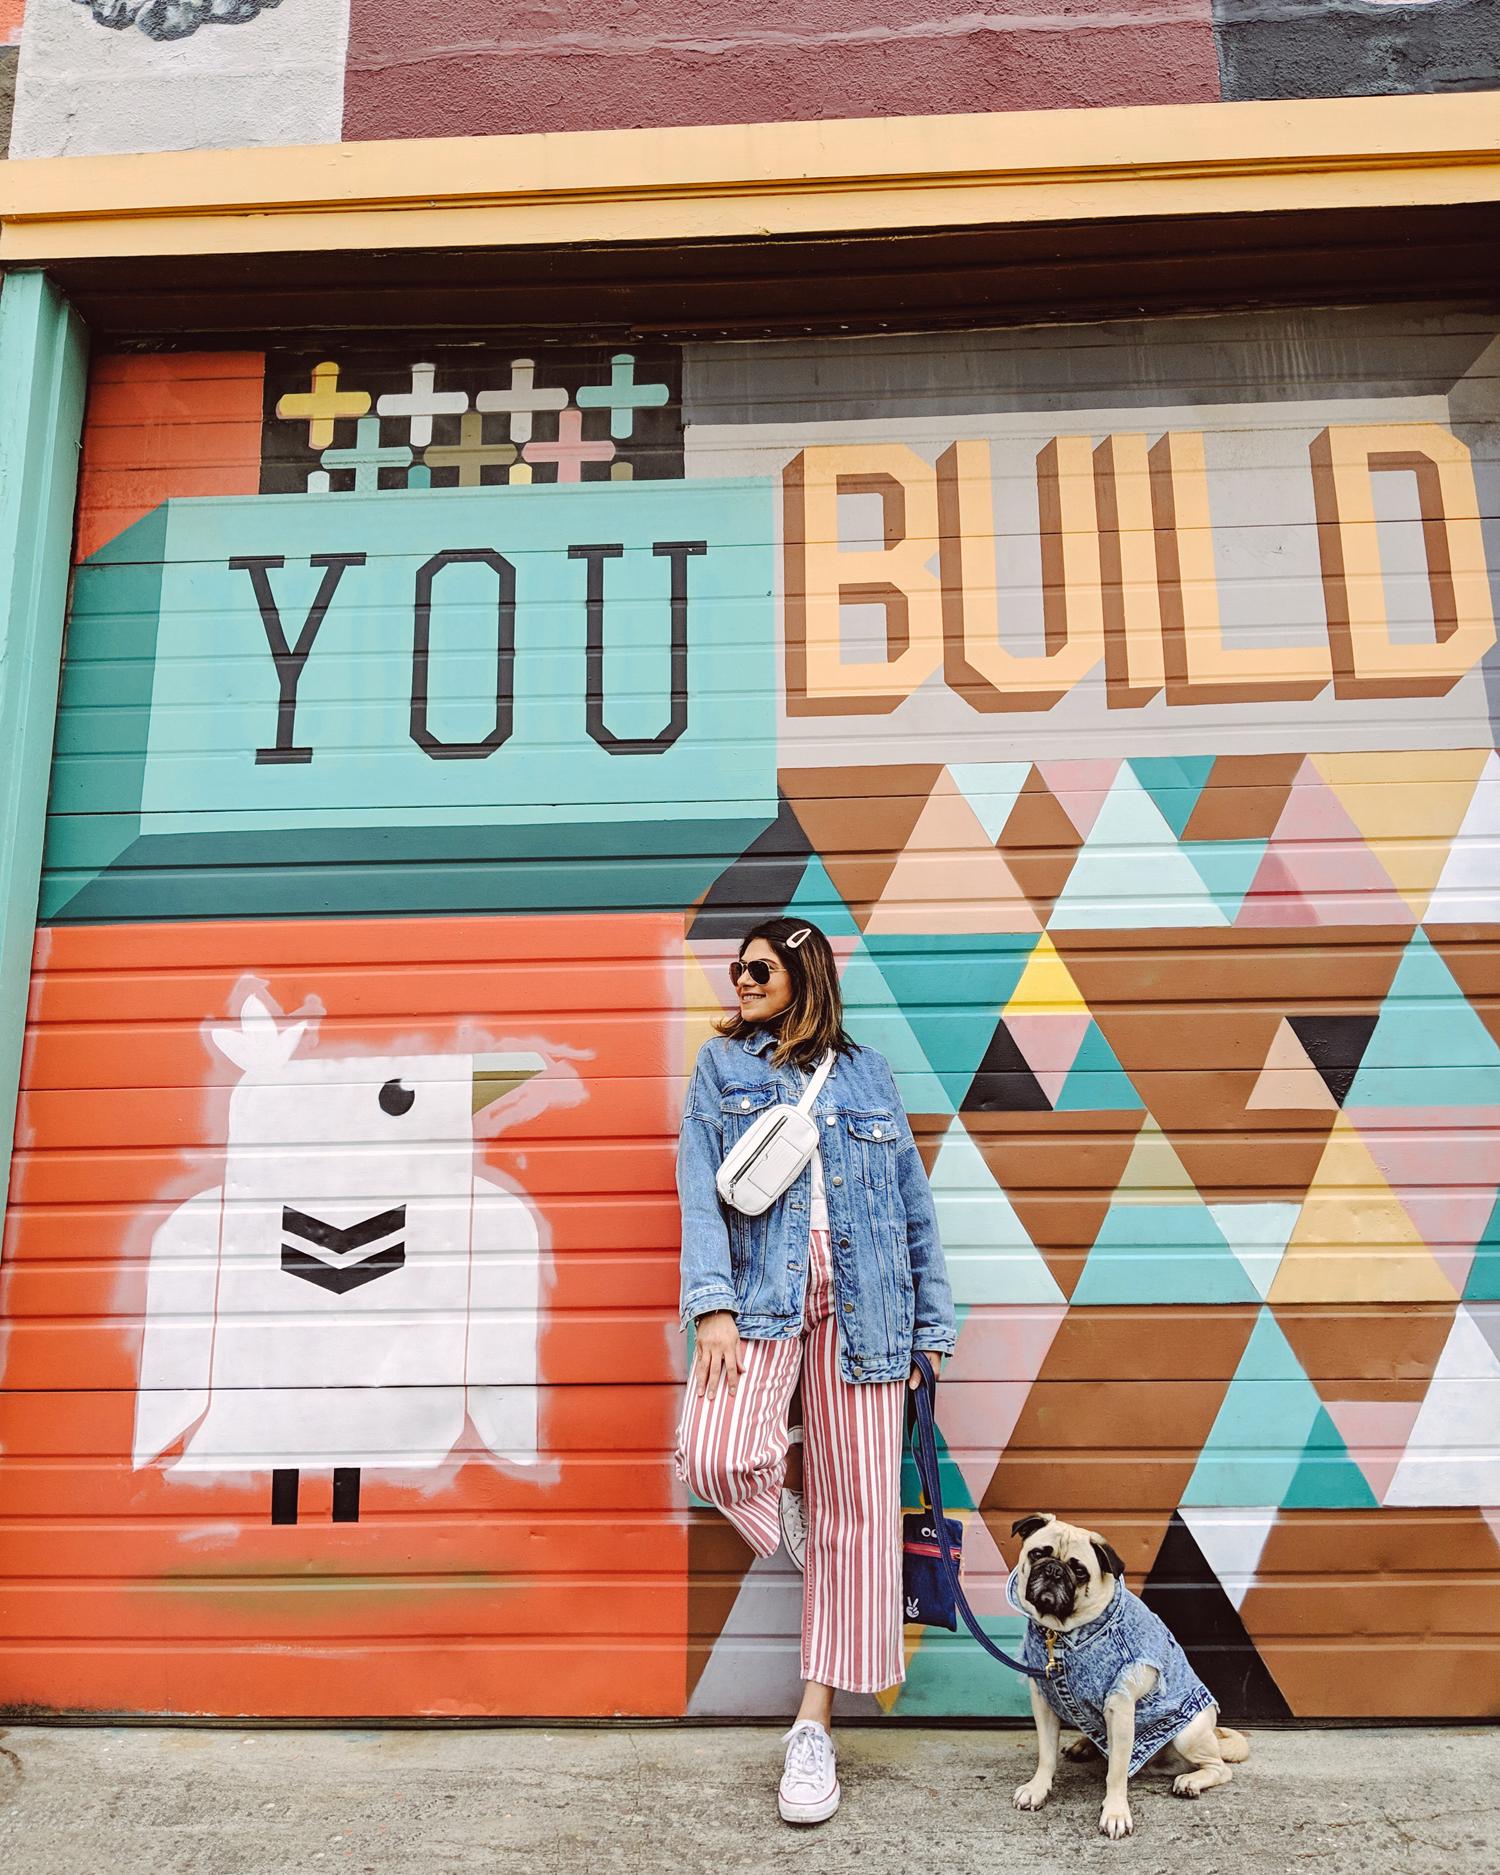 Portland-dogfriendly-travel-travelwithyourdog-woodenshoetulipfestival-2019-dogstraveling-dogblog-pug-dogmomblog-newyorkblog-visitportland4.jpg